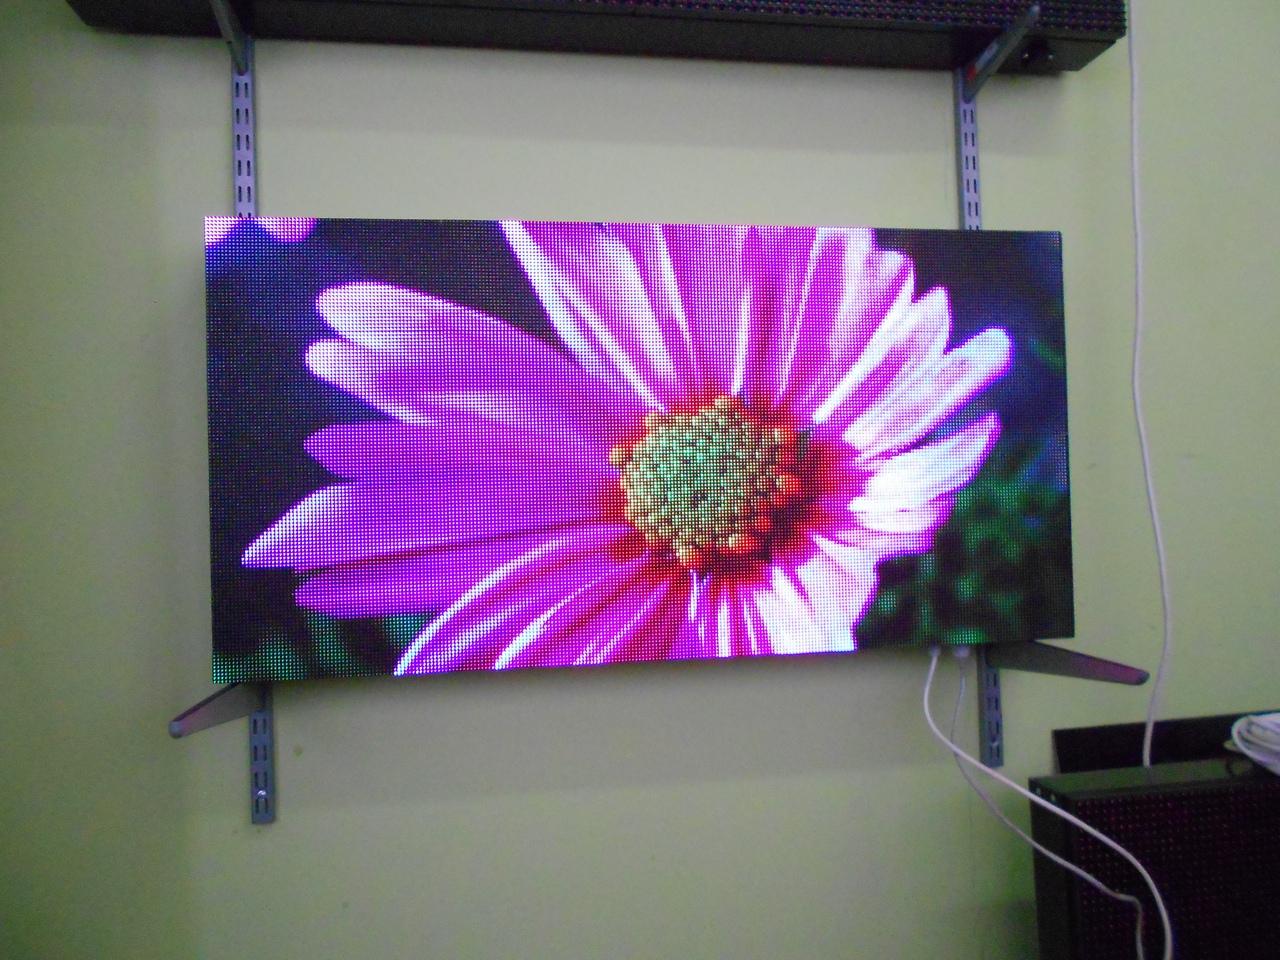 Led экран 1024х512 мм, шаг 4 мм - 47 000 руб